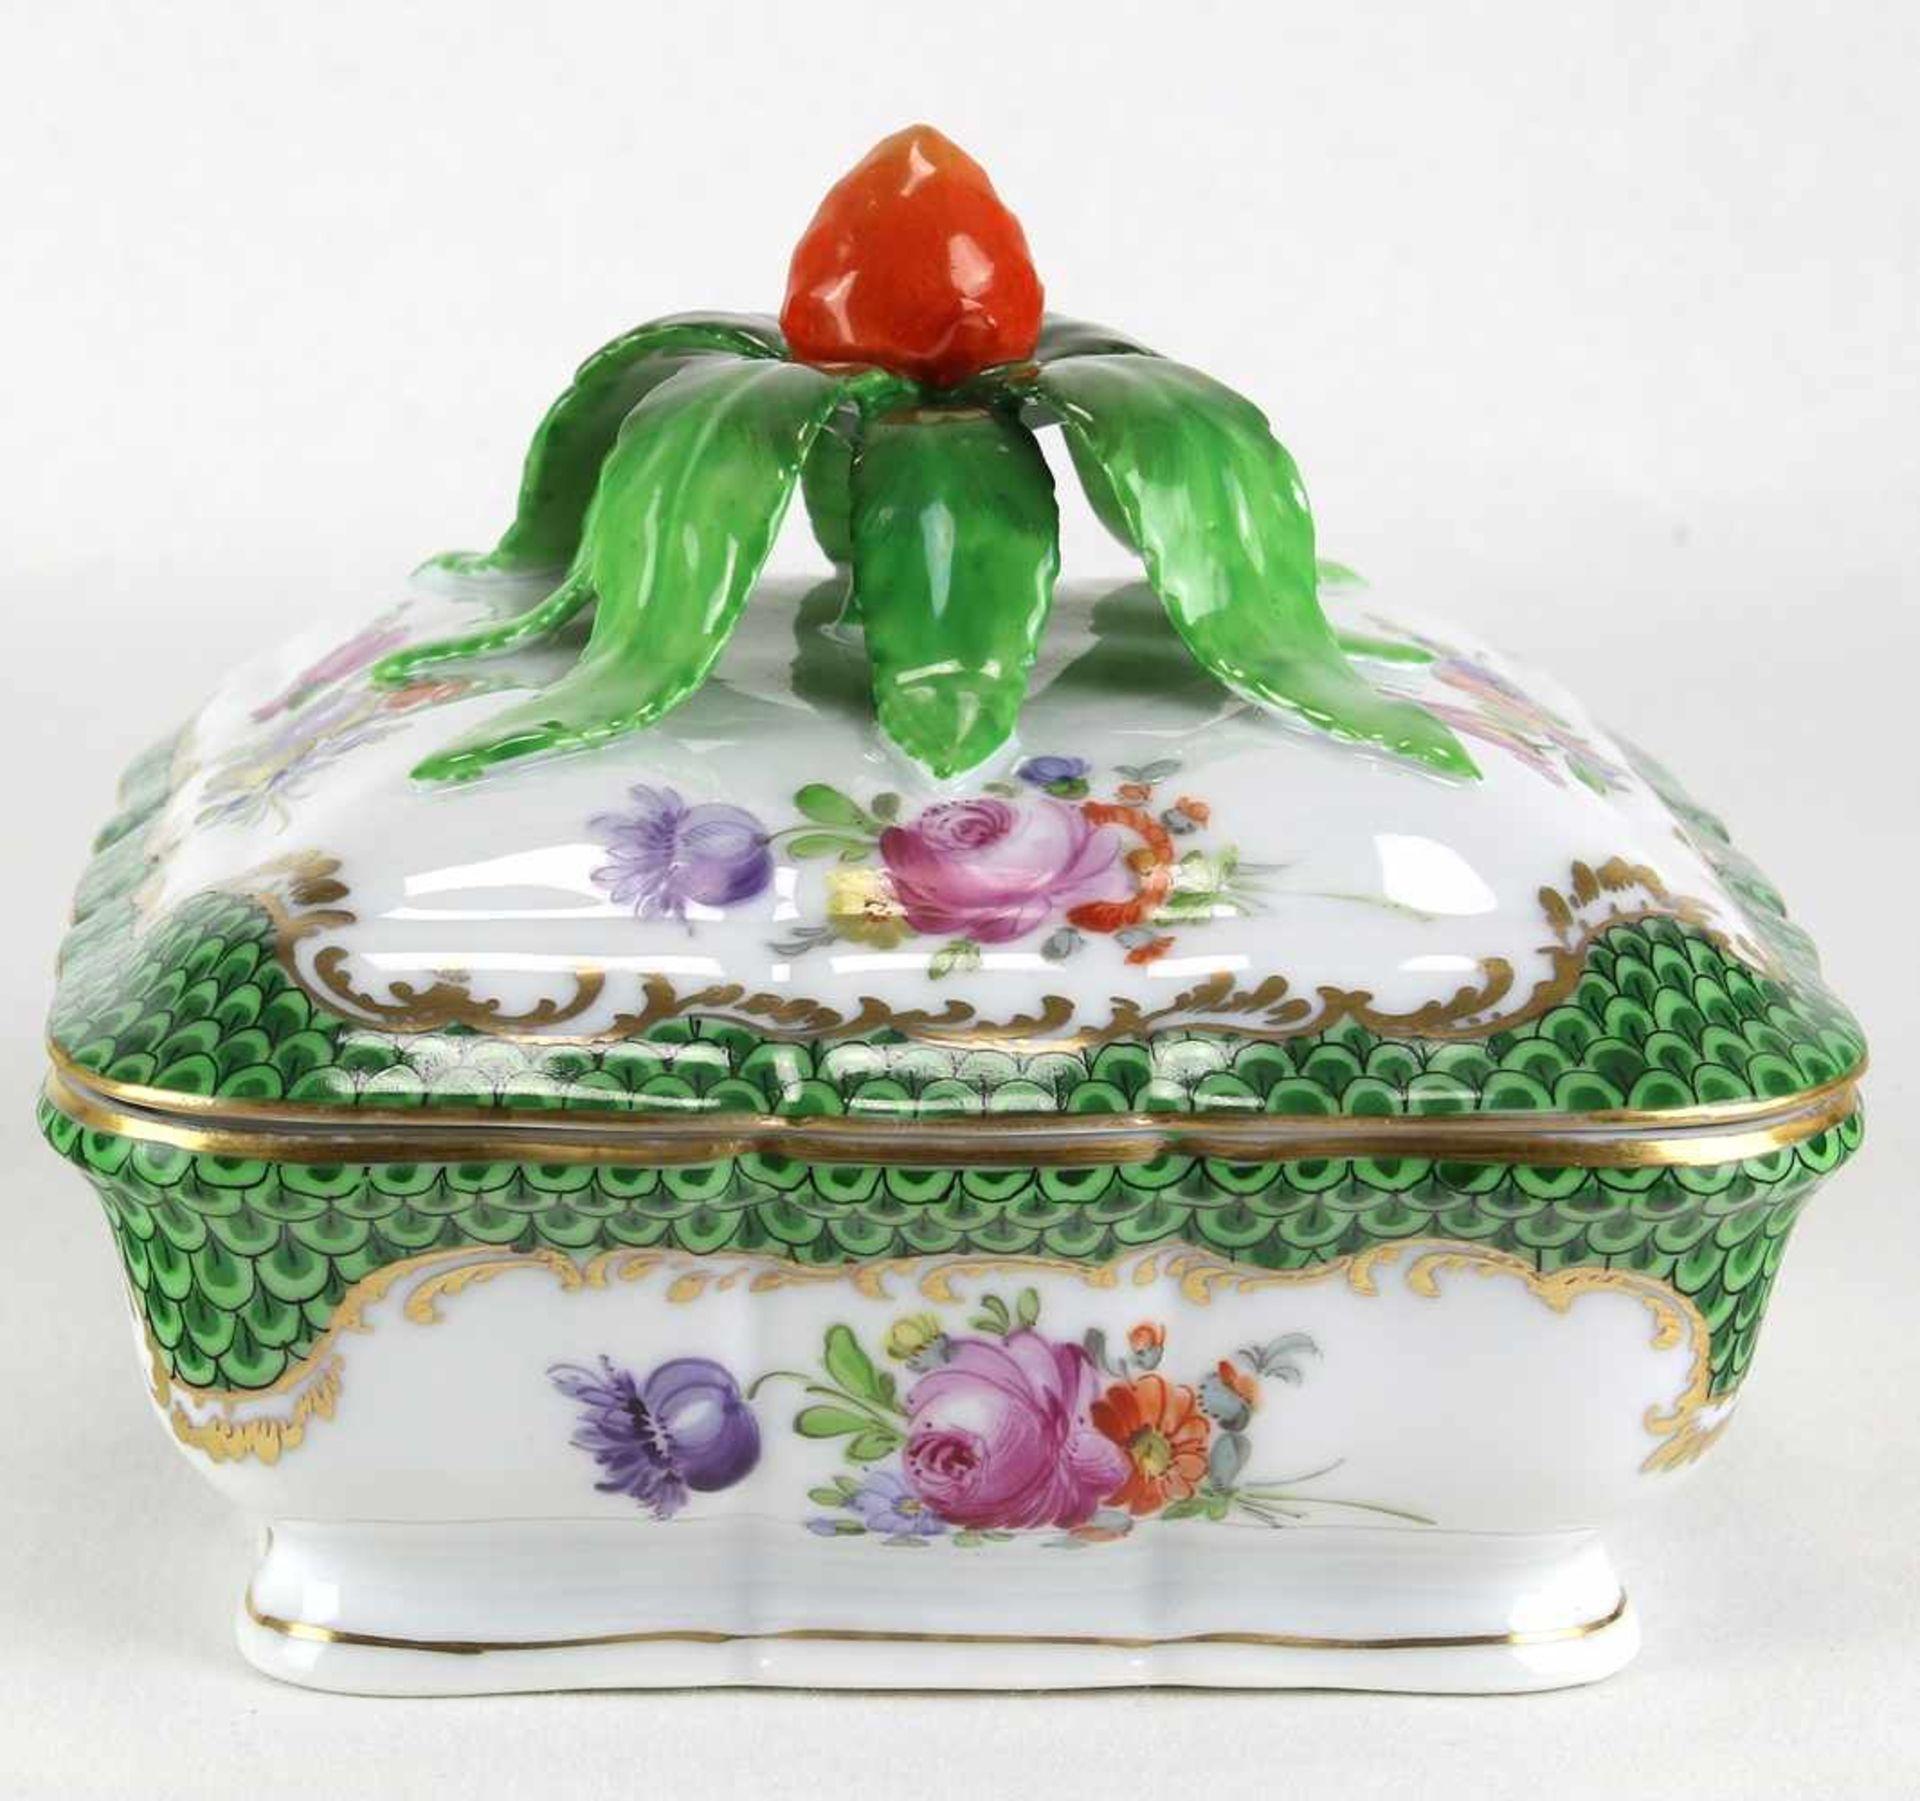 DeckeldoseNymphenburg 20. Jh. Porzellan mit reichem Blumendekor und Goldrändern. Deckelknauf in Form